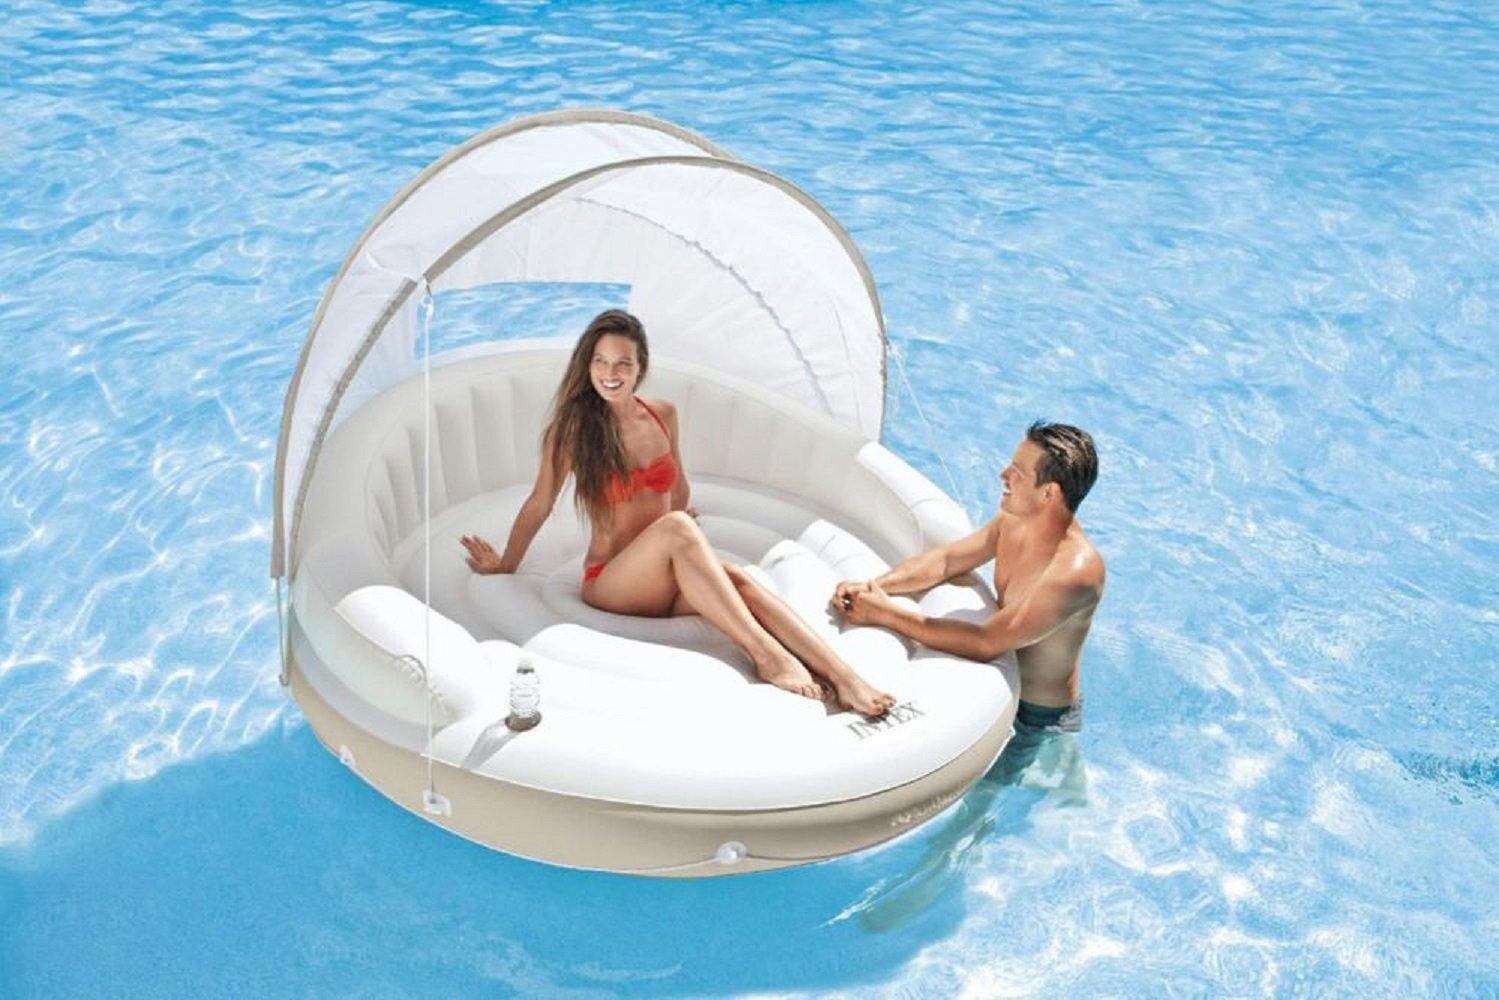 Insel mit Sonnendach Badeinsel der ultimative Badespaß / Insel für ideale Urlaubsstimmung / Schwimminsel / Badeinseln / Relaxen auf der eigenen Insel / Maße ca. 199 cm x 150 cm jetzt bestellen